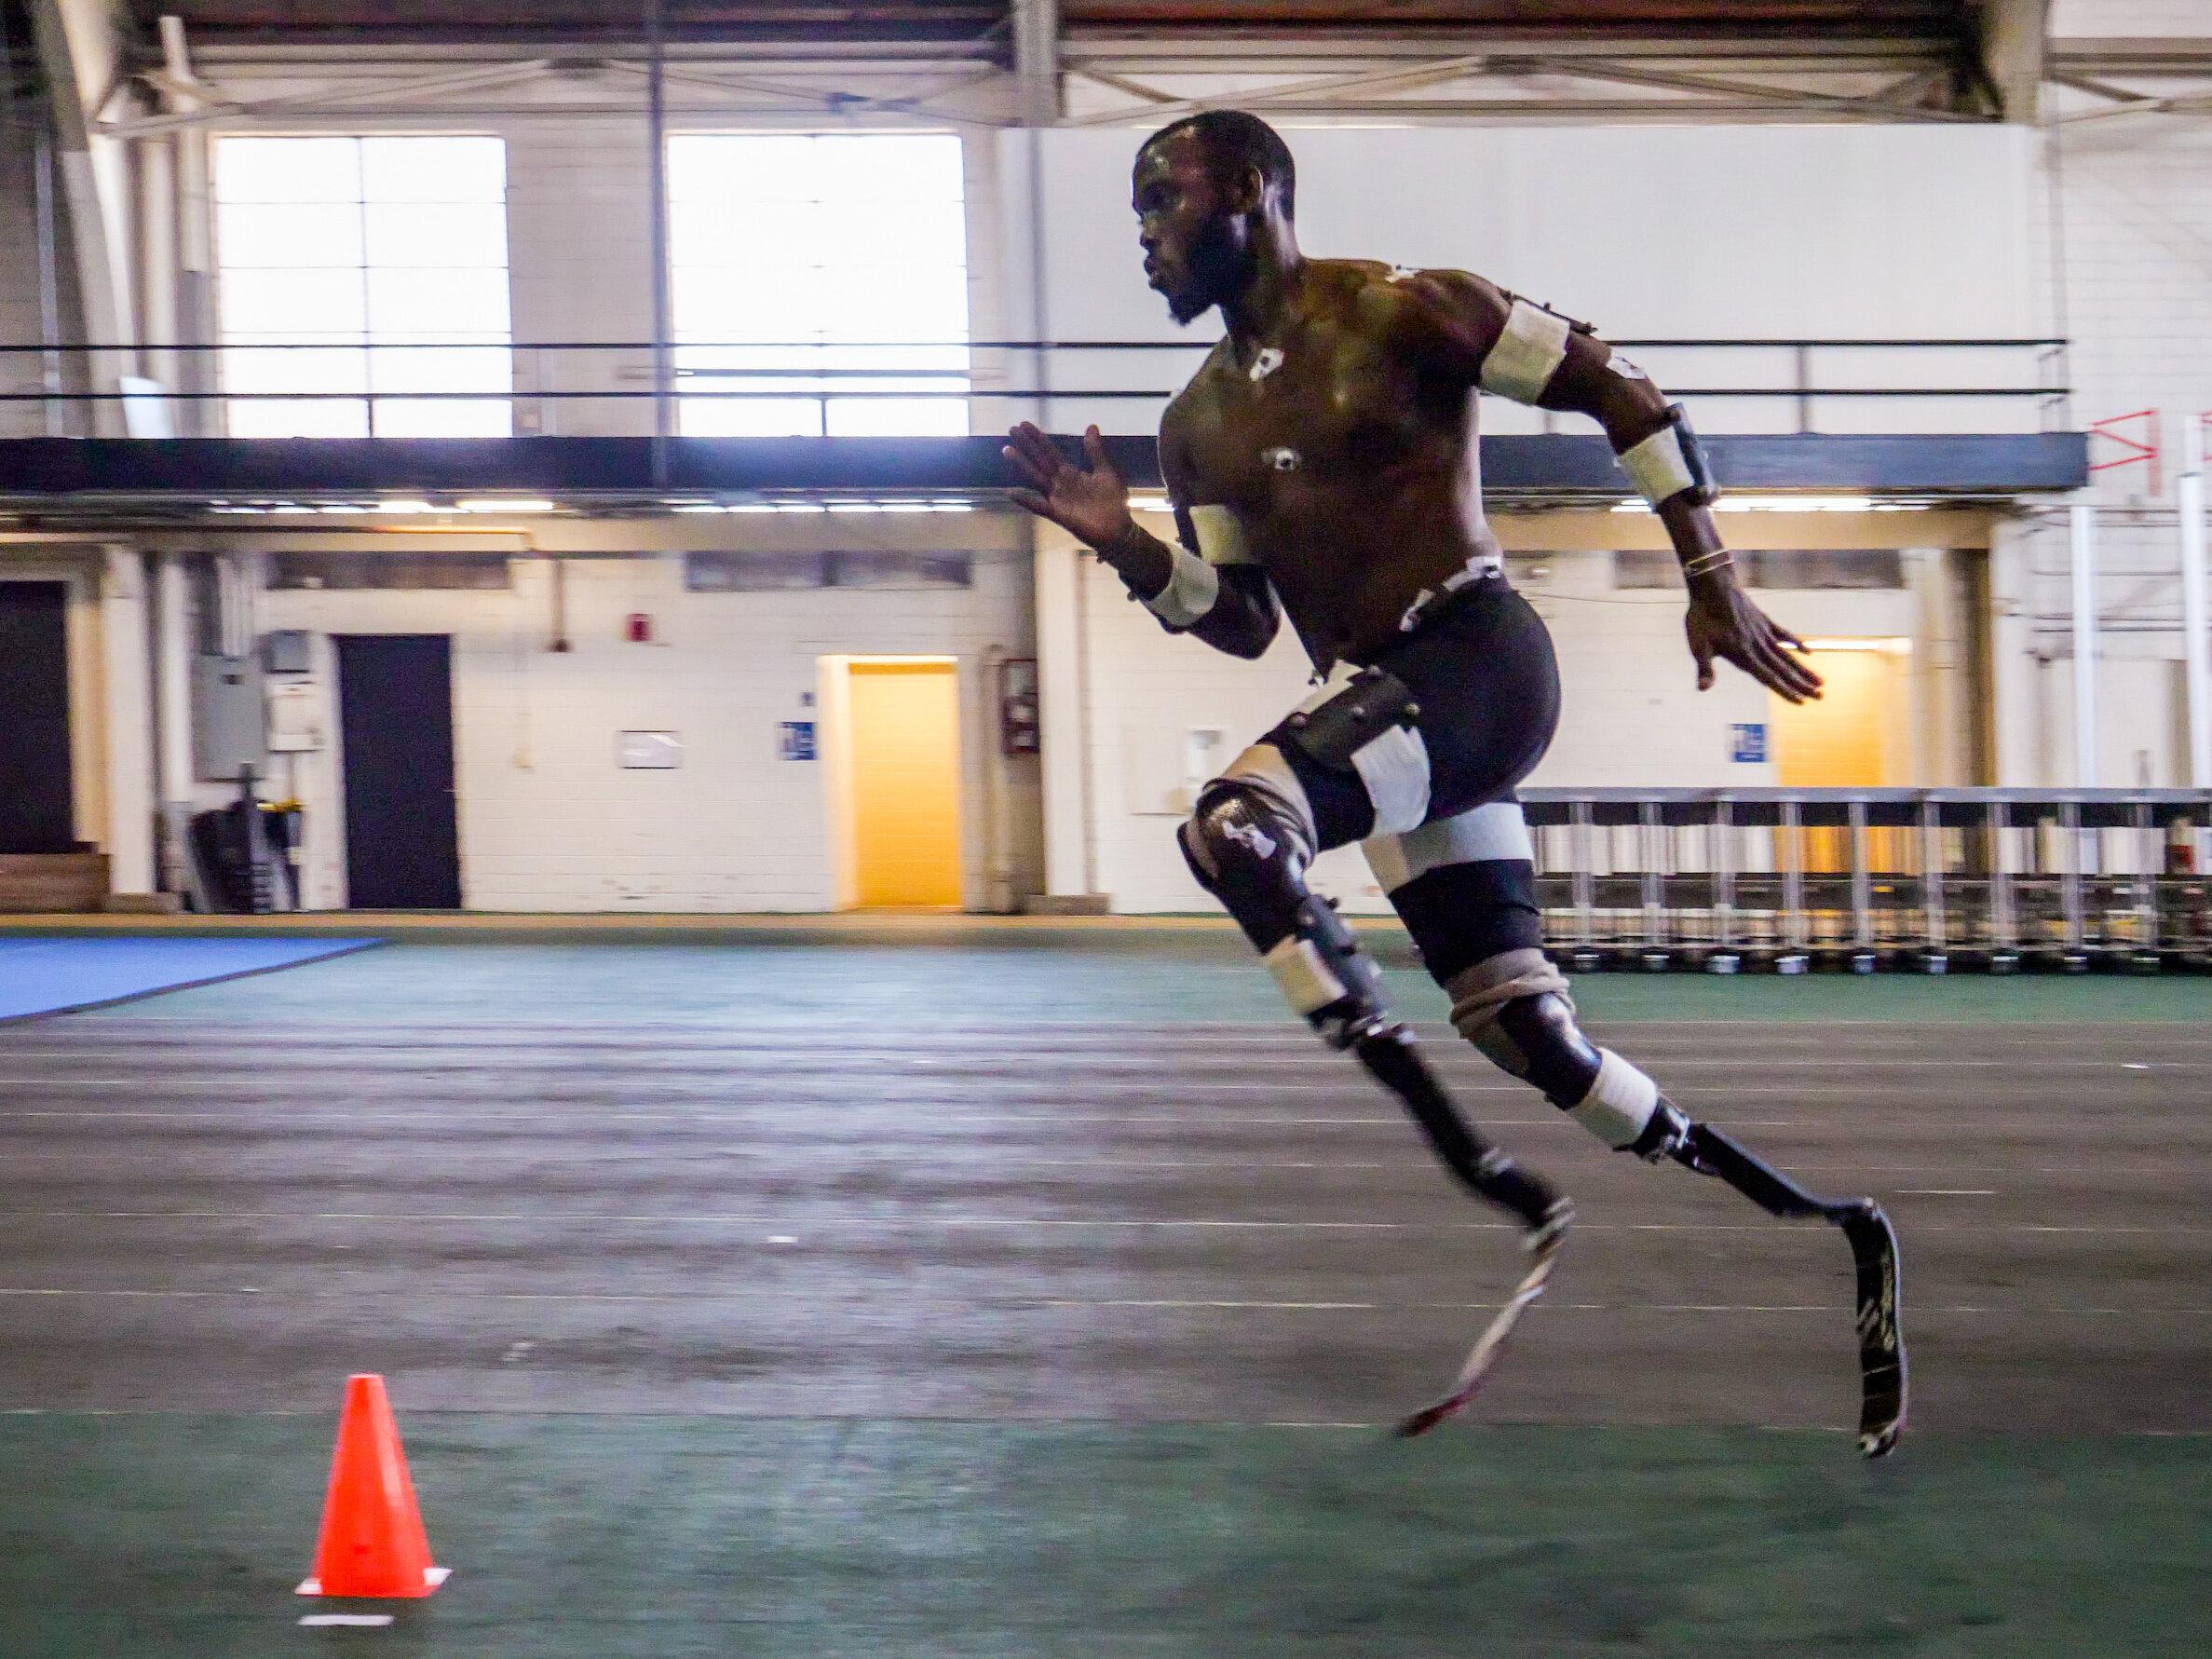 Höhe Grenzen für 'blade runners' haltlosen, neue Studie schlägt vor